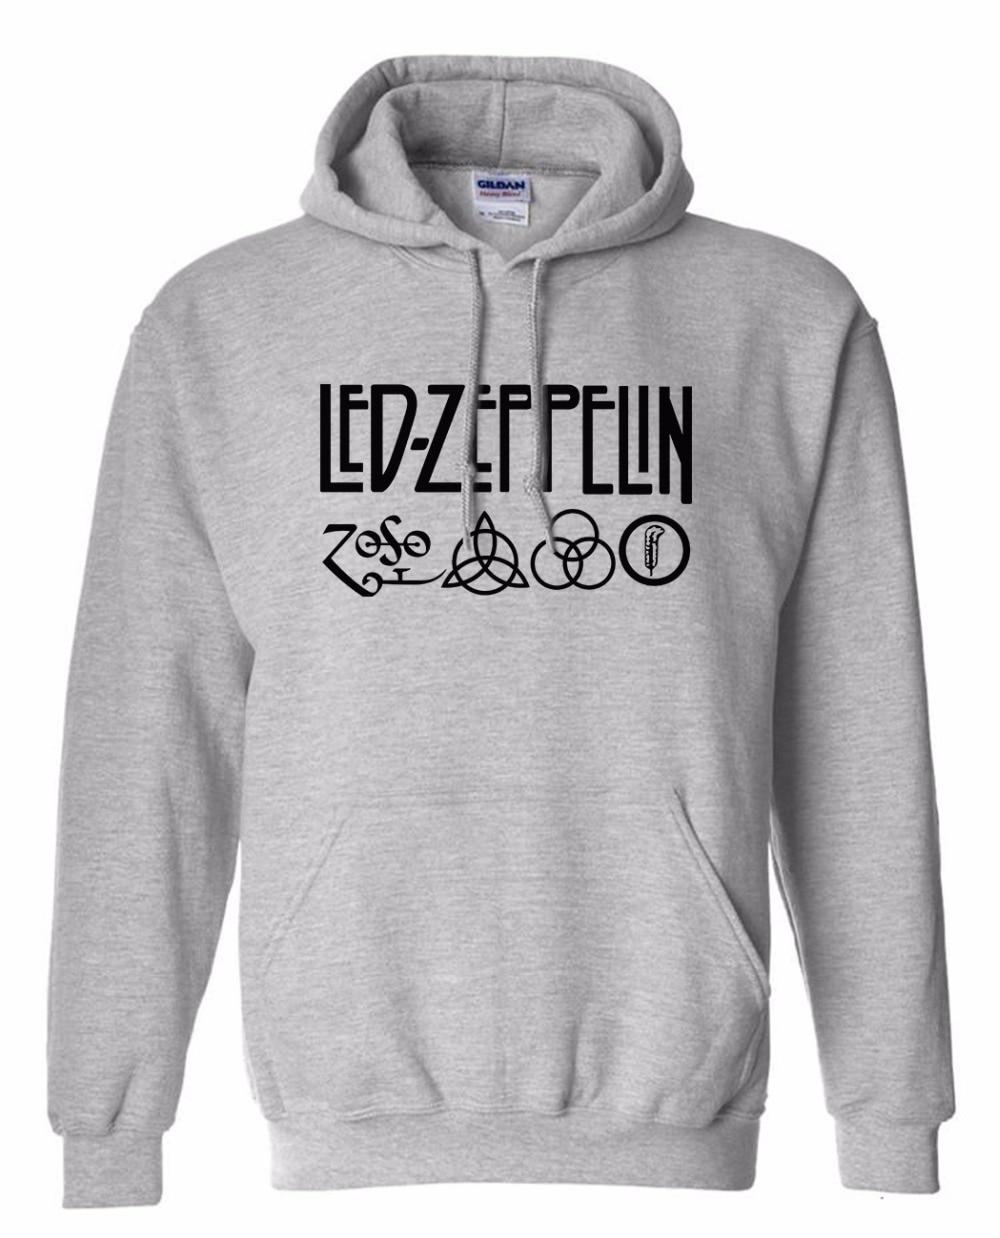 Men's Clothing Rock And Roll Led Zeppelin Rock Zoso Fleece Hoodies Heavy Metal Band Fan Punk Hoody Sweatshirts Pullover Hooded K-pop Tracksuits